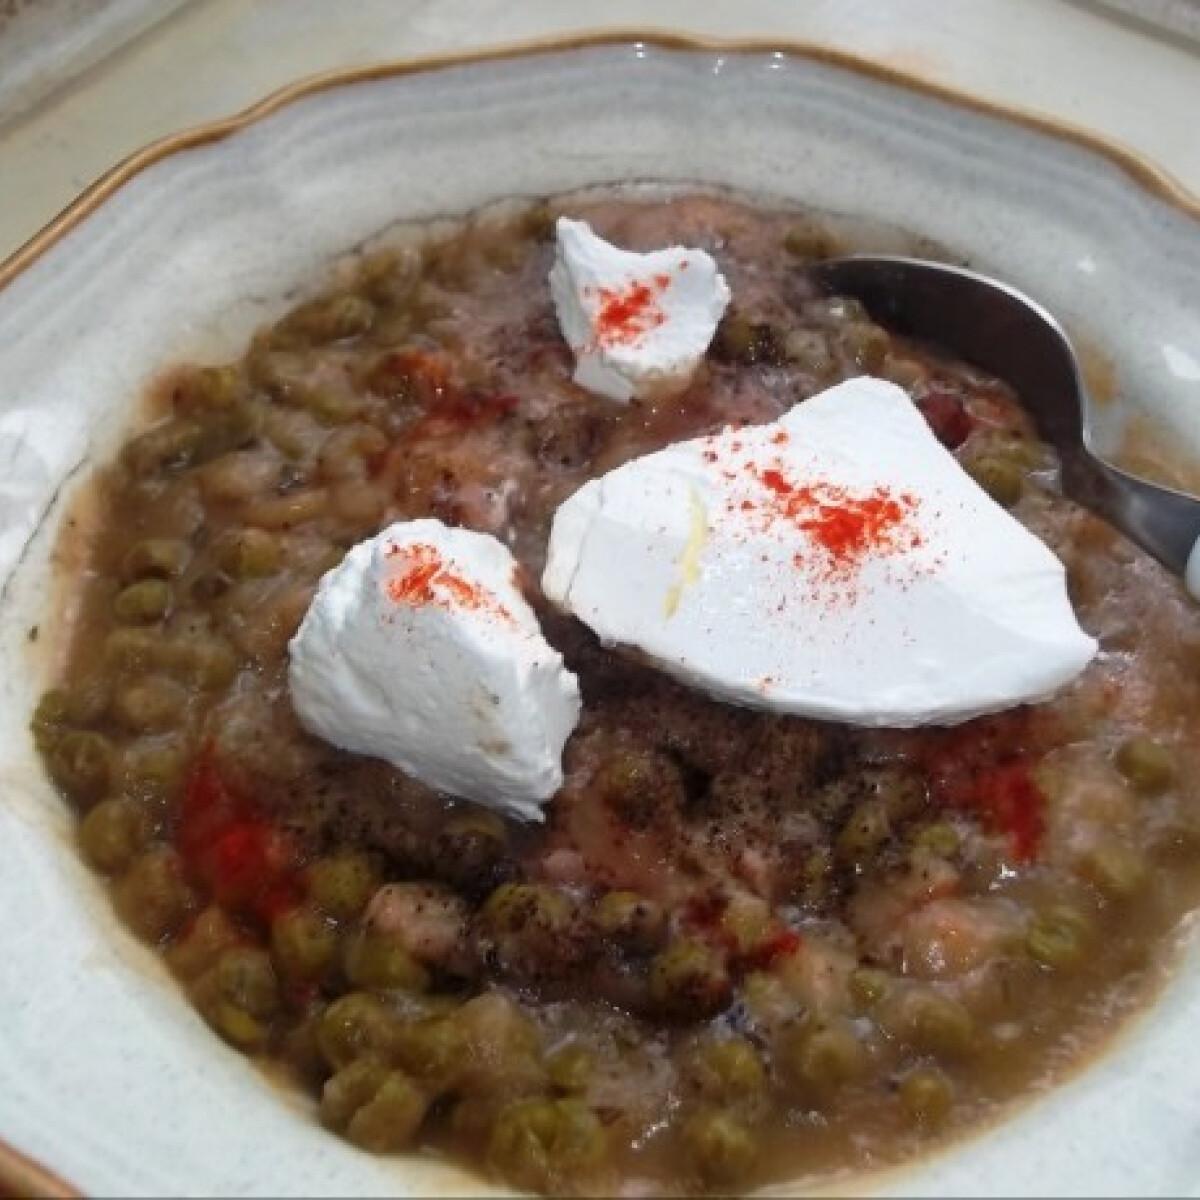 Ezen a képen: Zöldborsófőzelék pulykahússal, tejföllel